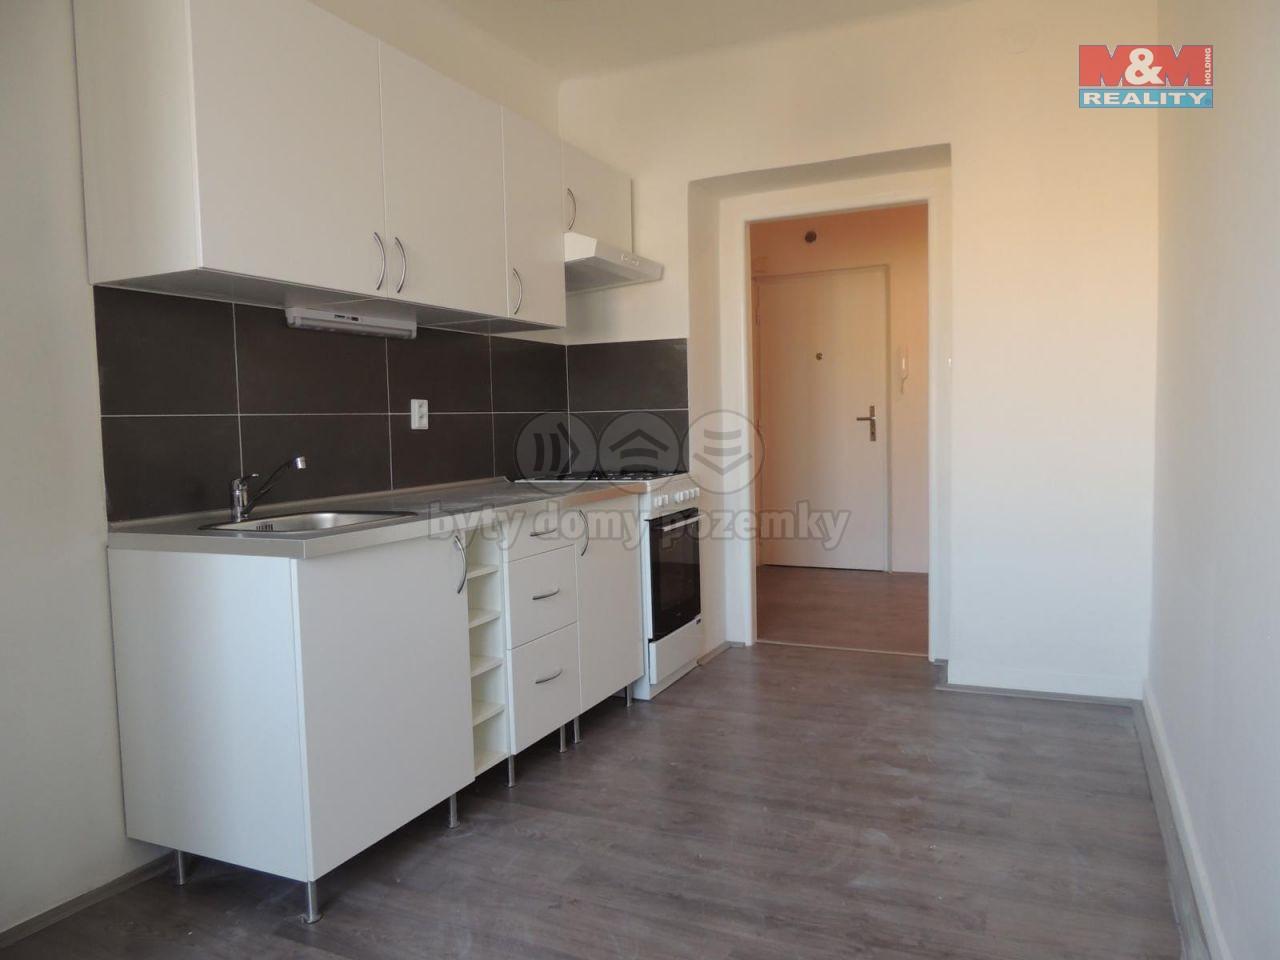 Pronájem, byt 1+1, Ostrava - Zábřeh, ul. Dolní